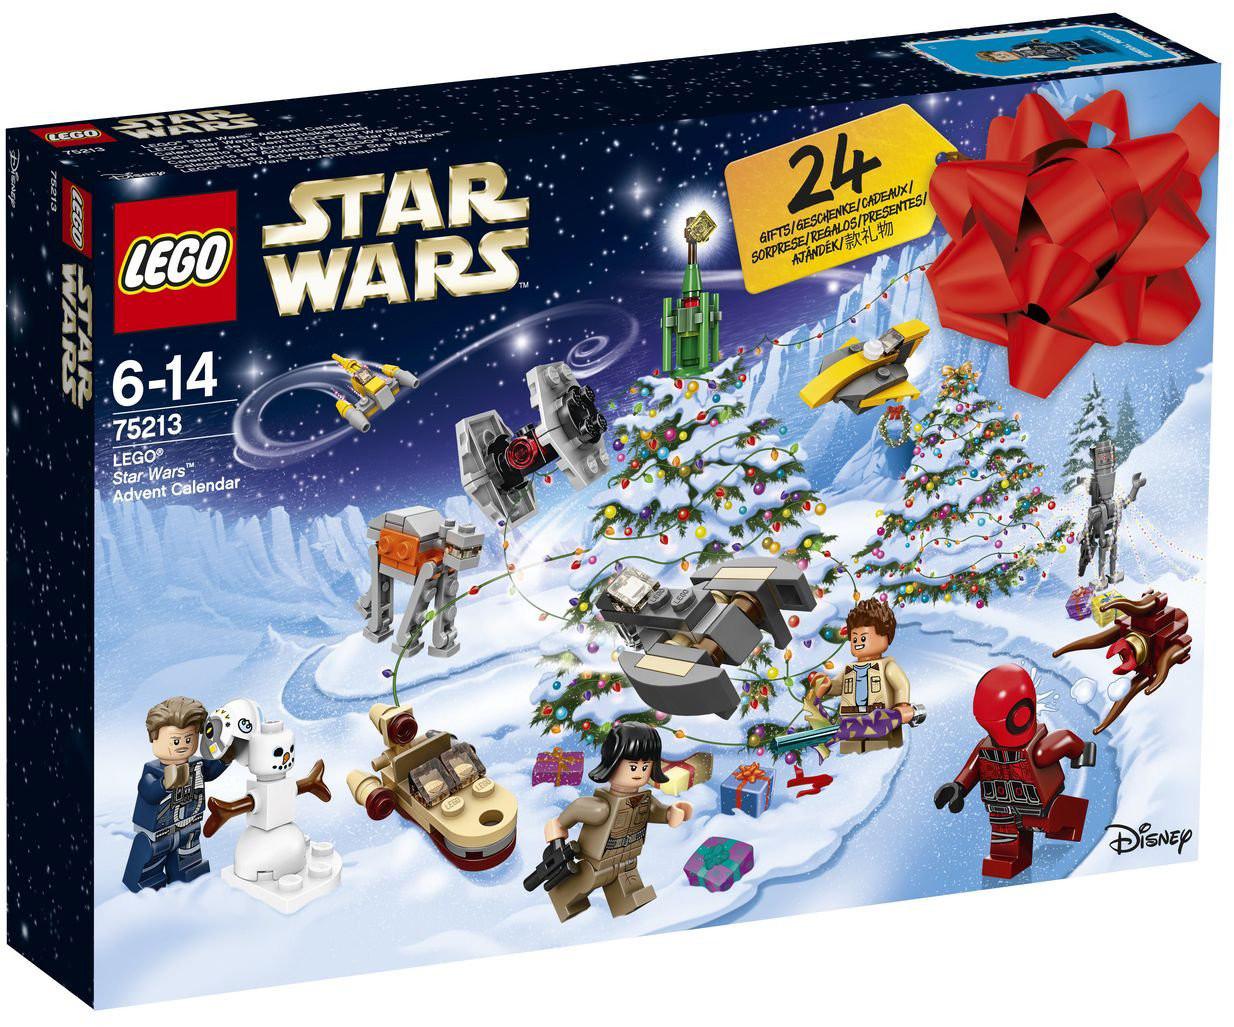 LEGO Star Wars adventes kalendārs (75213) 5702016112078 LEGO konstruktors